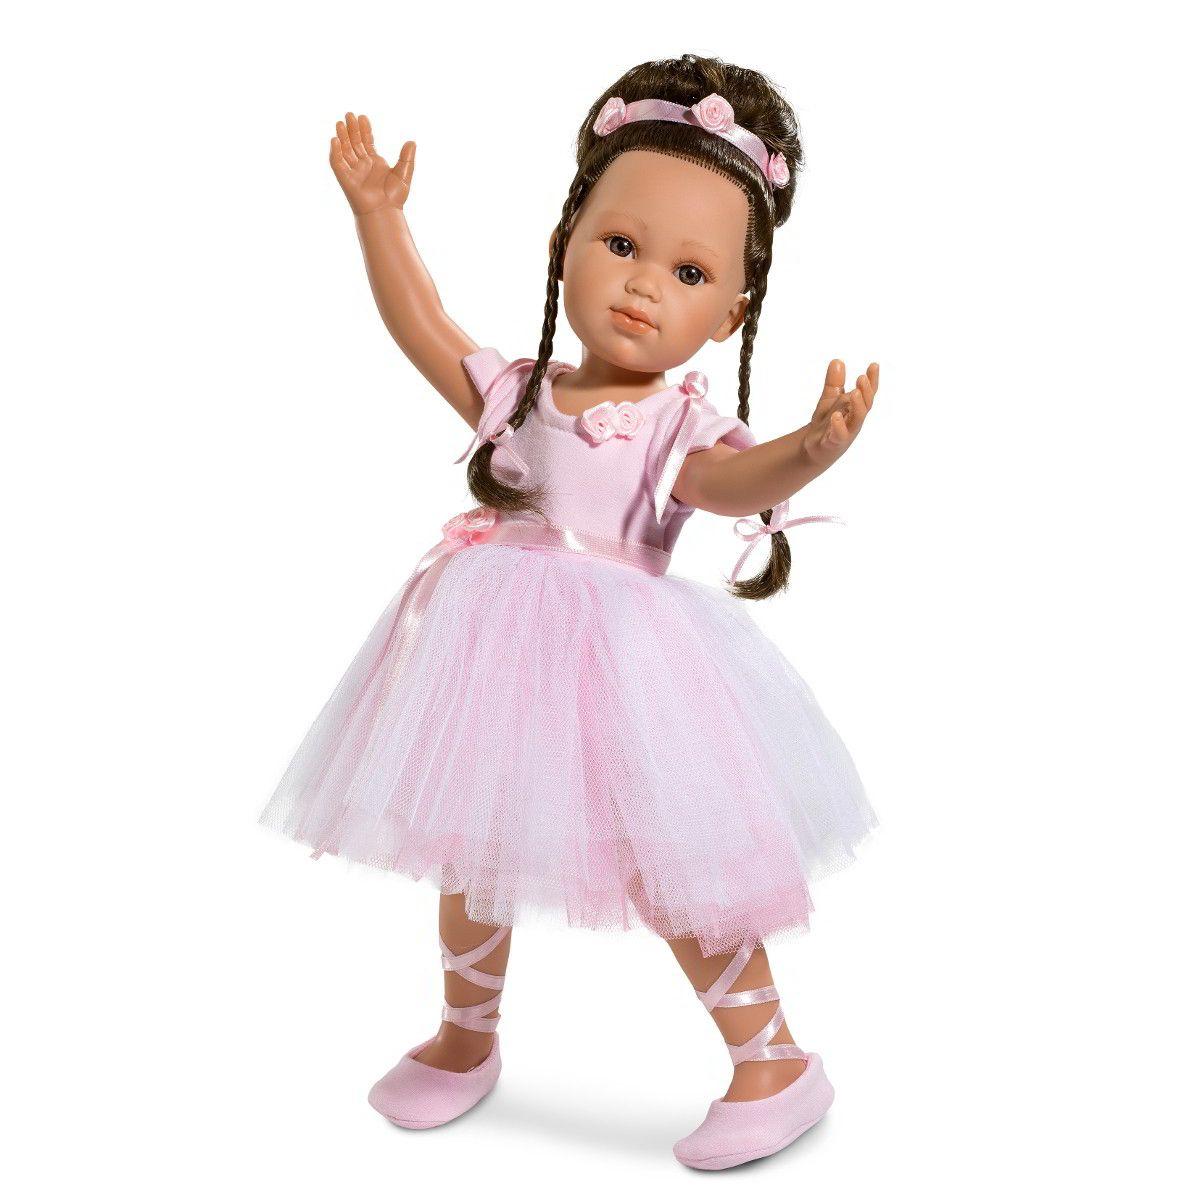 Купить Кукла балерина Ольга, 42 см, Llorens Juan